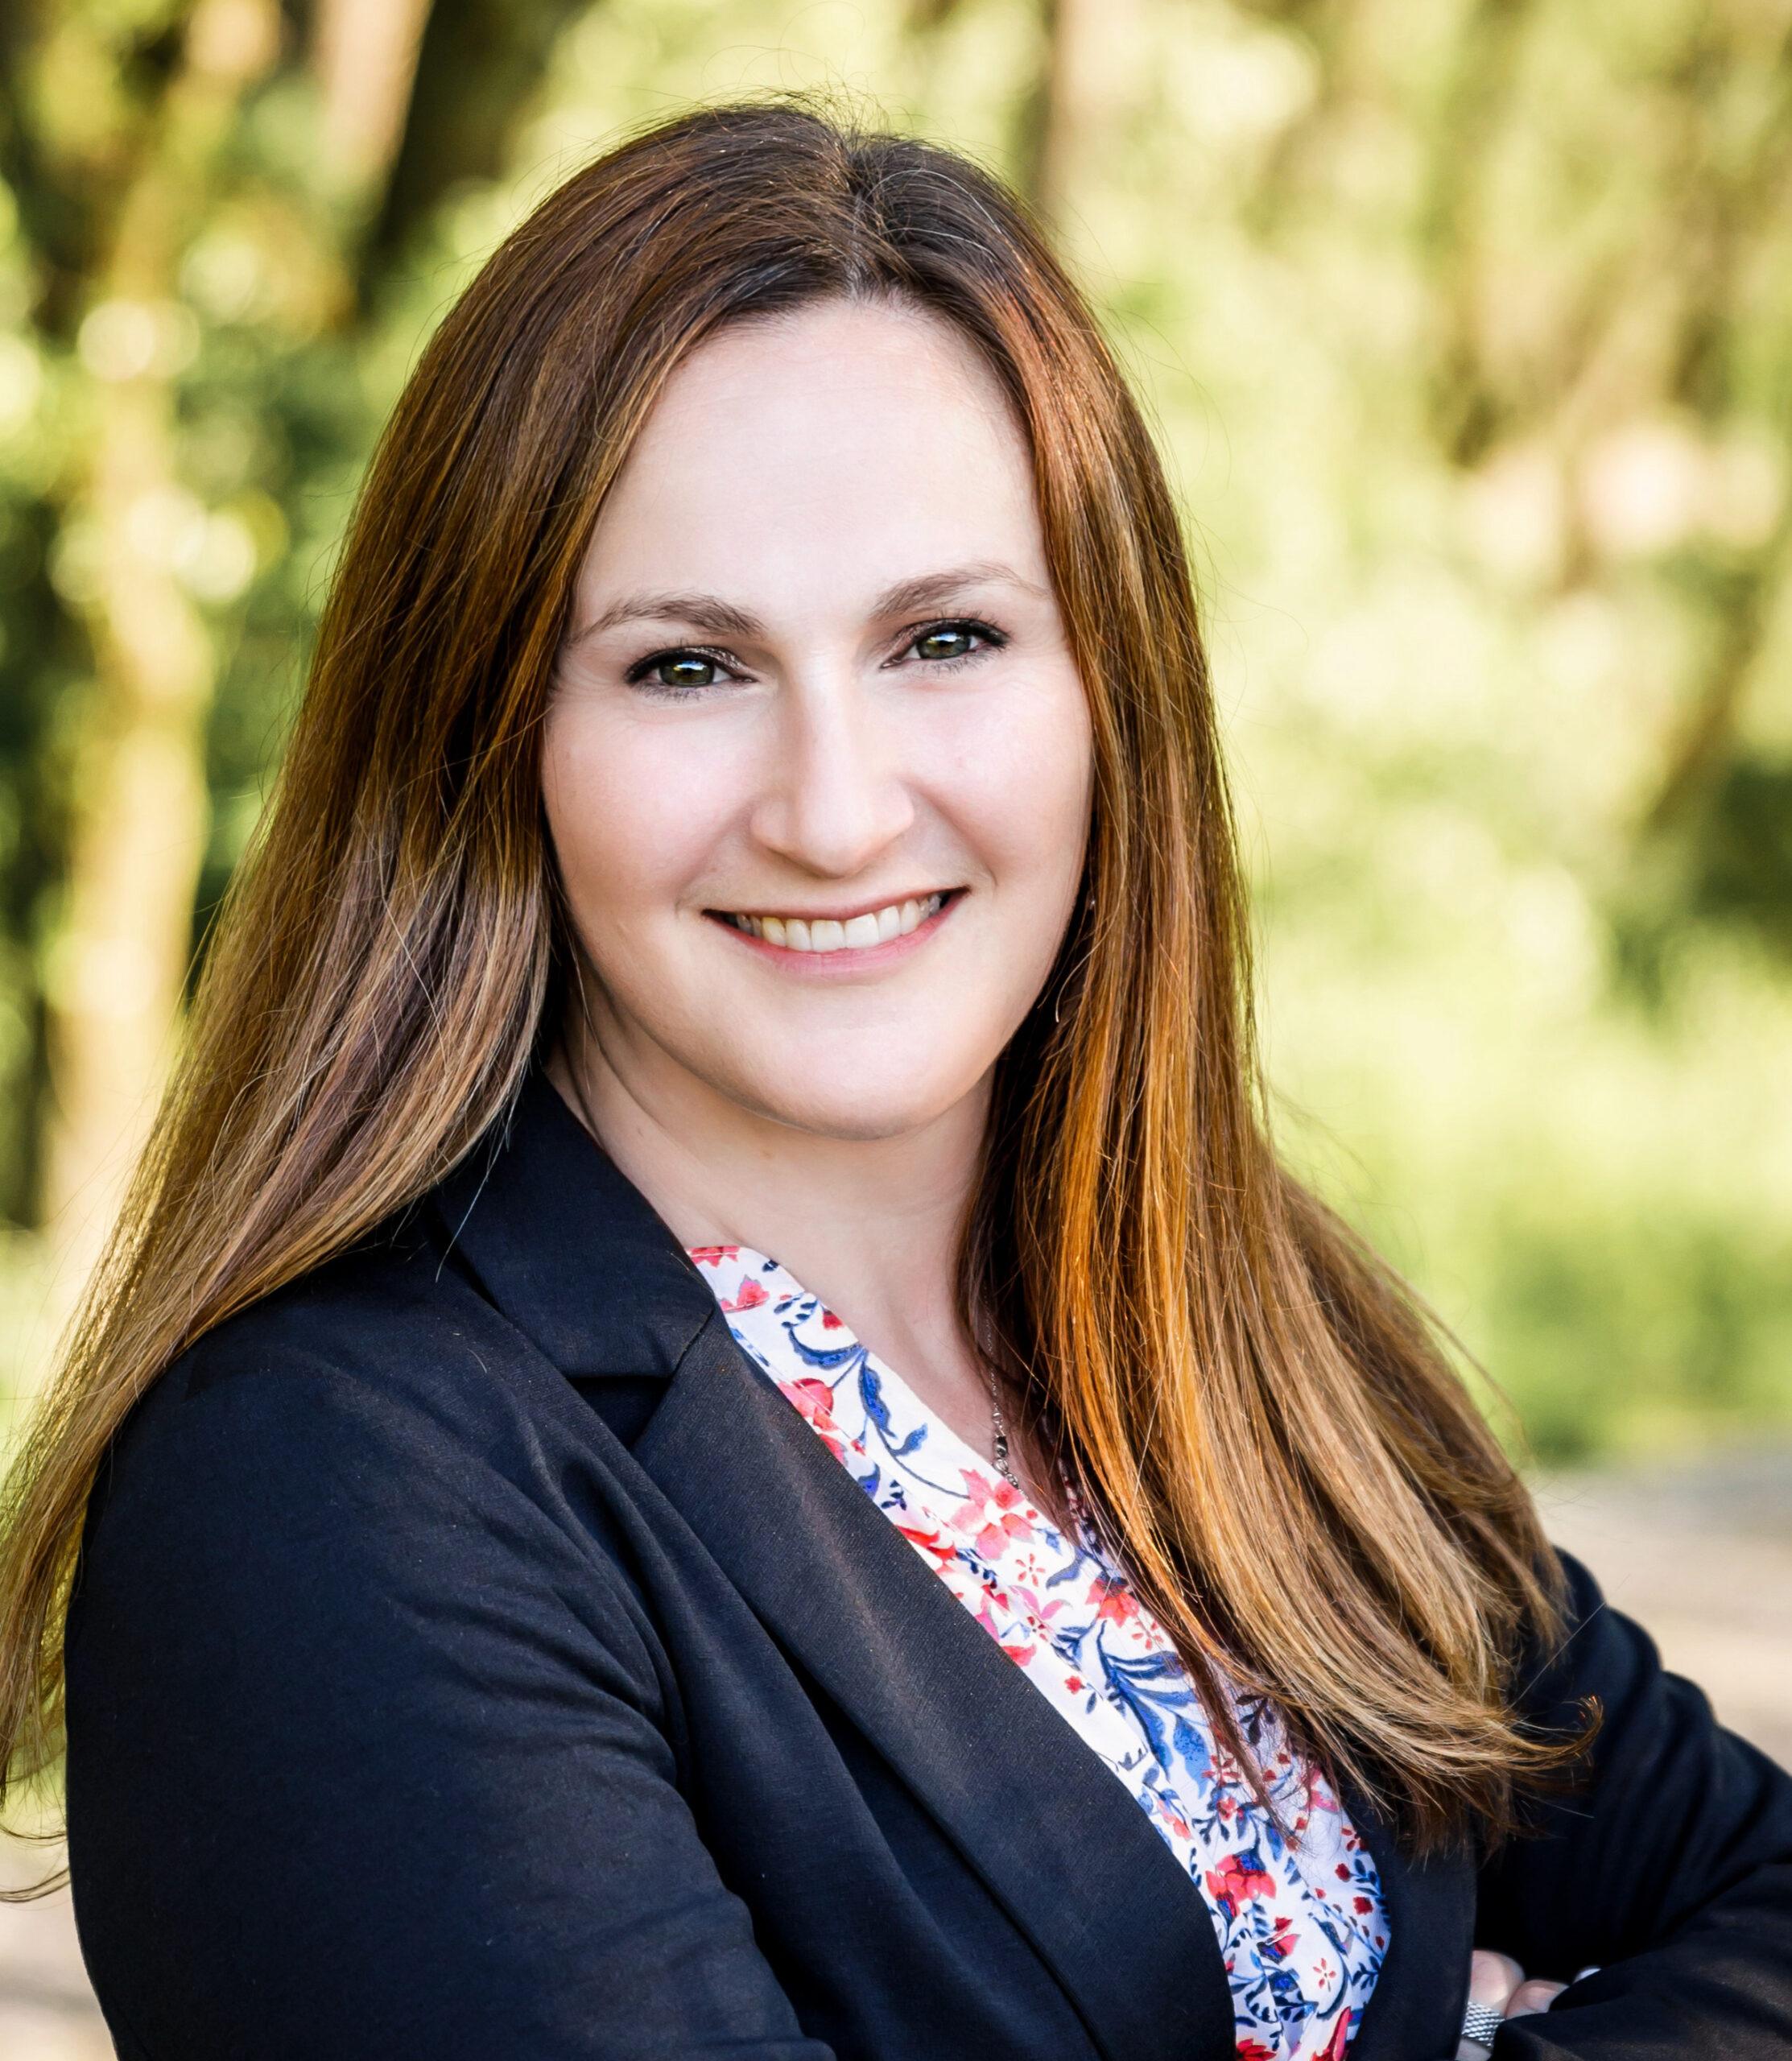 Lara Paparo Celebrates Diverse Authors With Owl Publishing